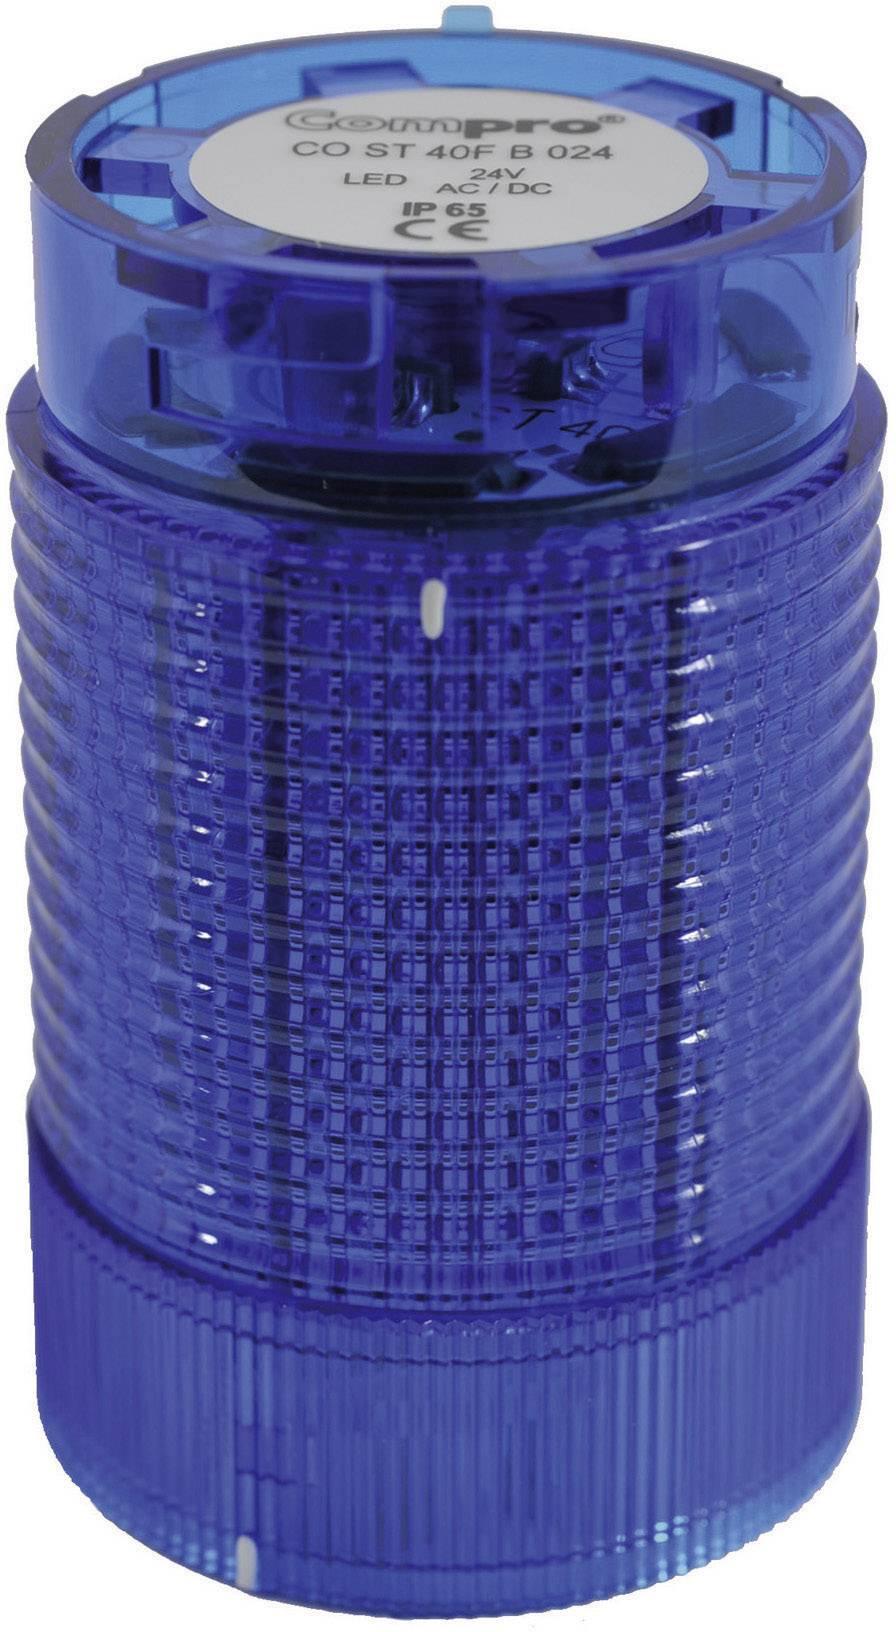 Součást signalizačního sloupku LED ComPro CO ST 40, modrá, trvalé světlo, zábleskové světlo, výstražný maják, 24 V/DC, 24 V/AC, 75 dB